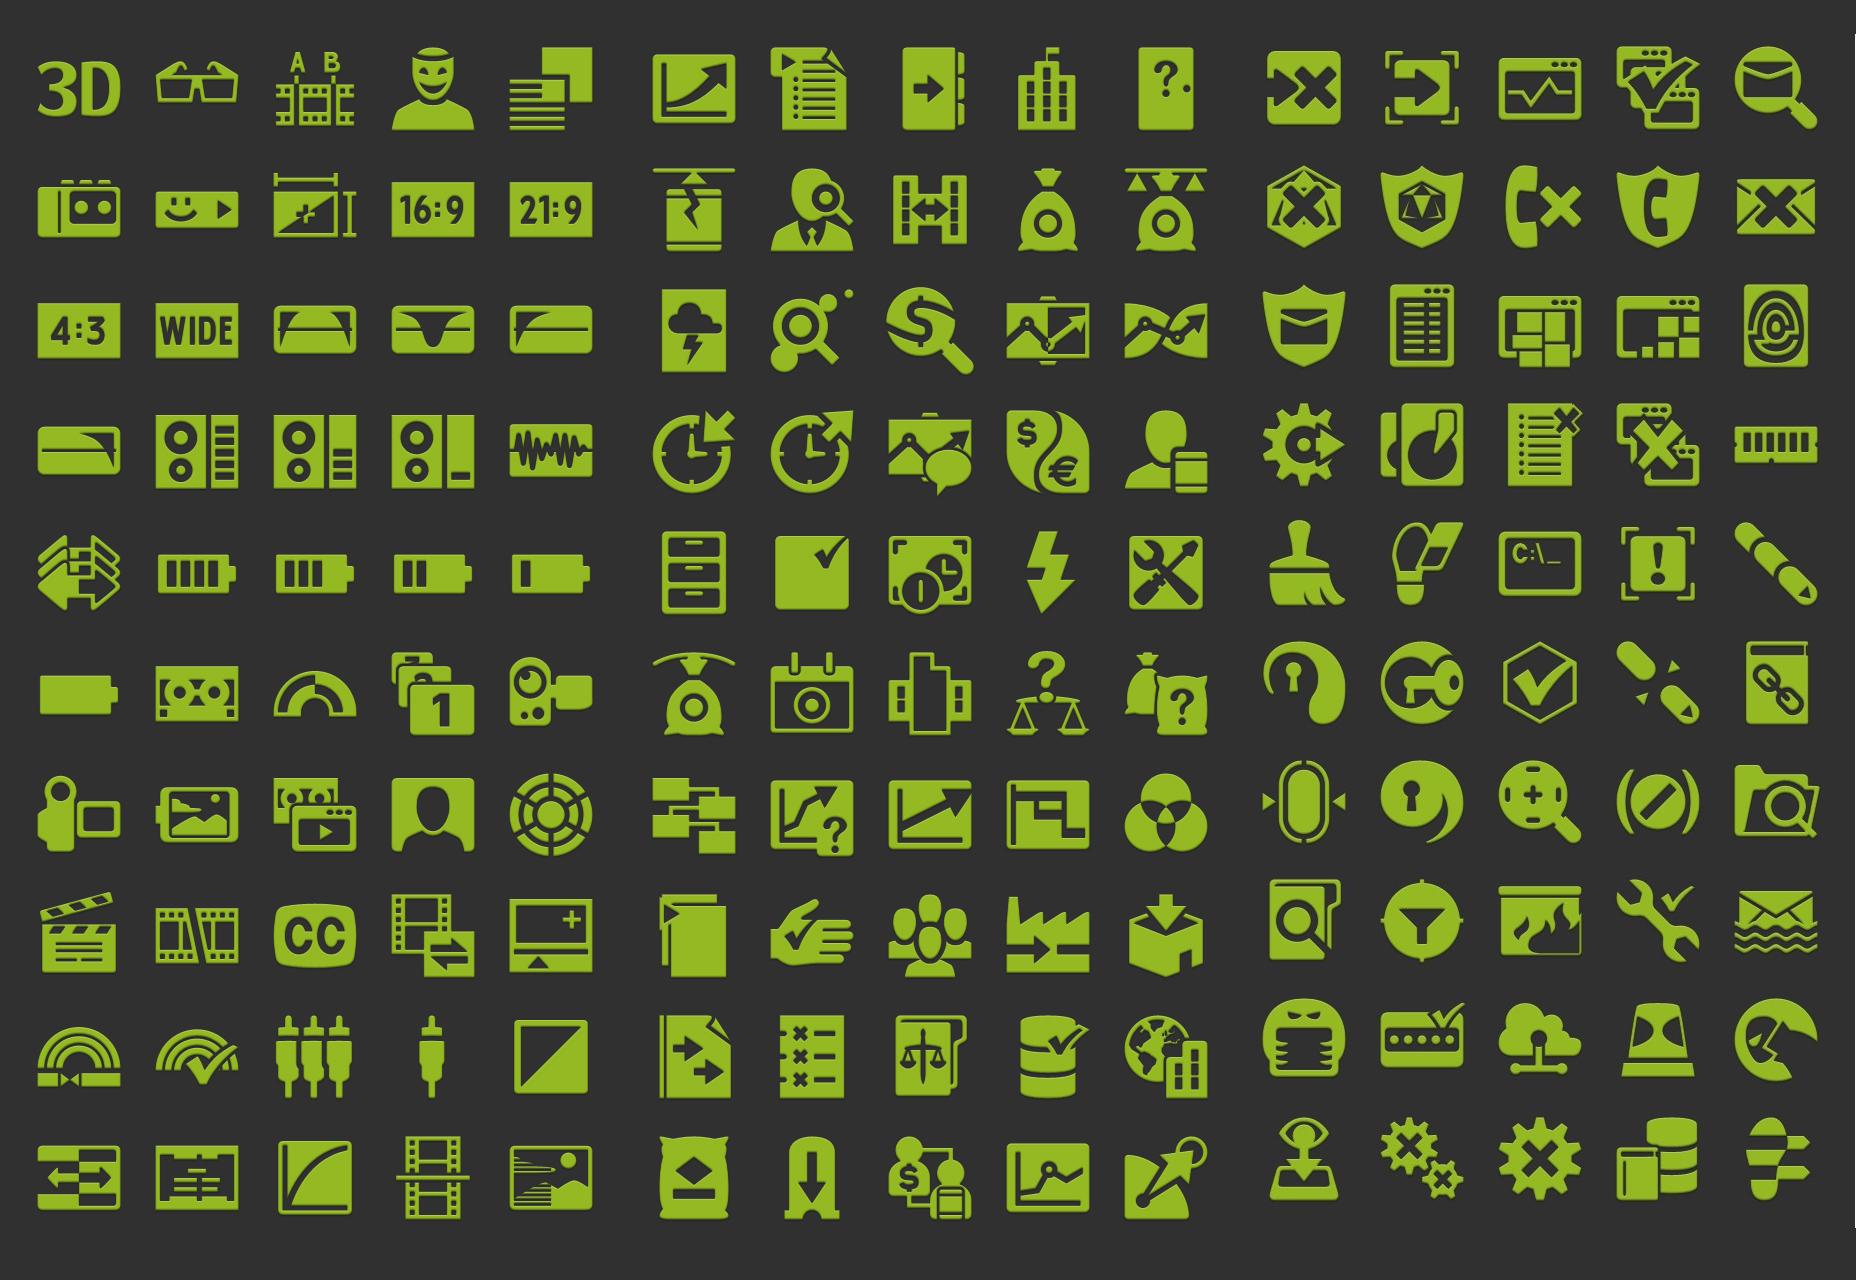 54K Iconos de Android editables y escalables